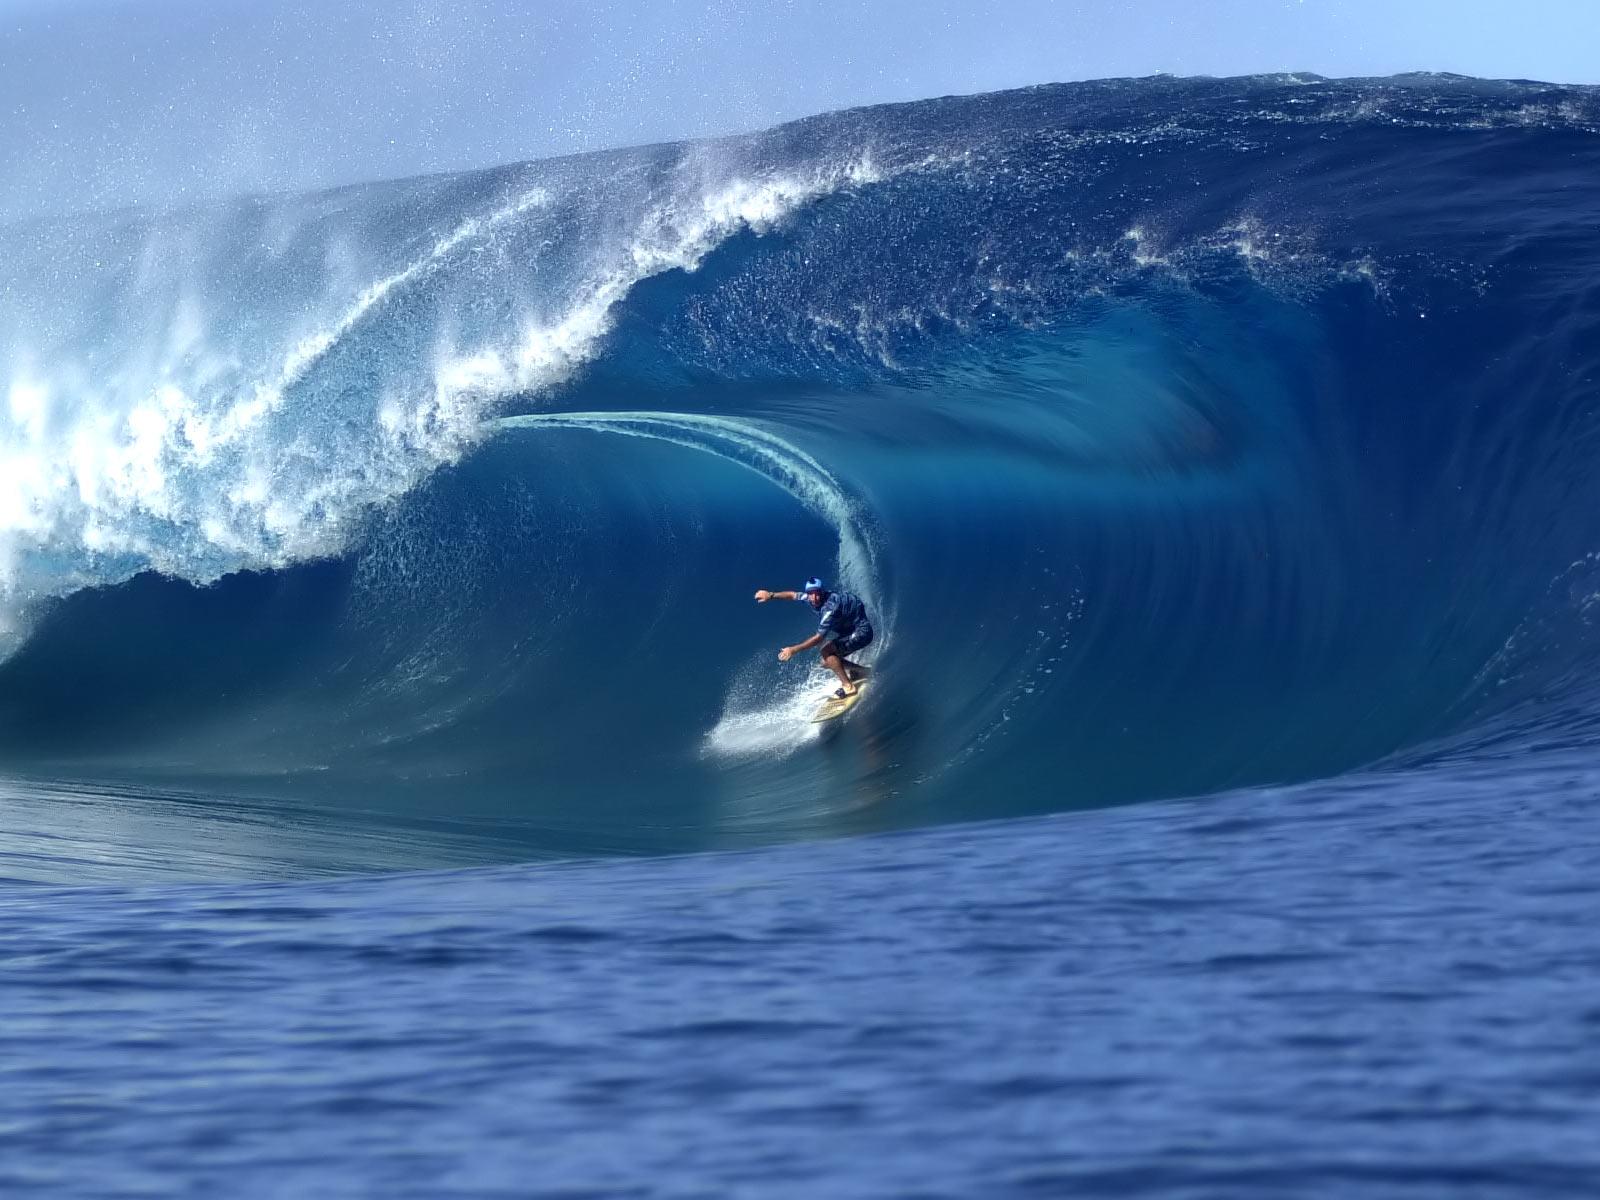 http://3.bp.blogspot.com/-VZs6RfVayHg/T2MKudNeSGI/AAAAAAAAAZ4/jIwwKku1iyI/s1600/Surfing_Hawaii.jpg